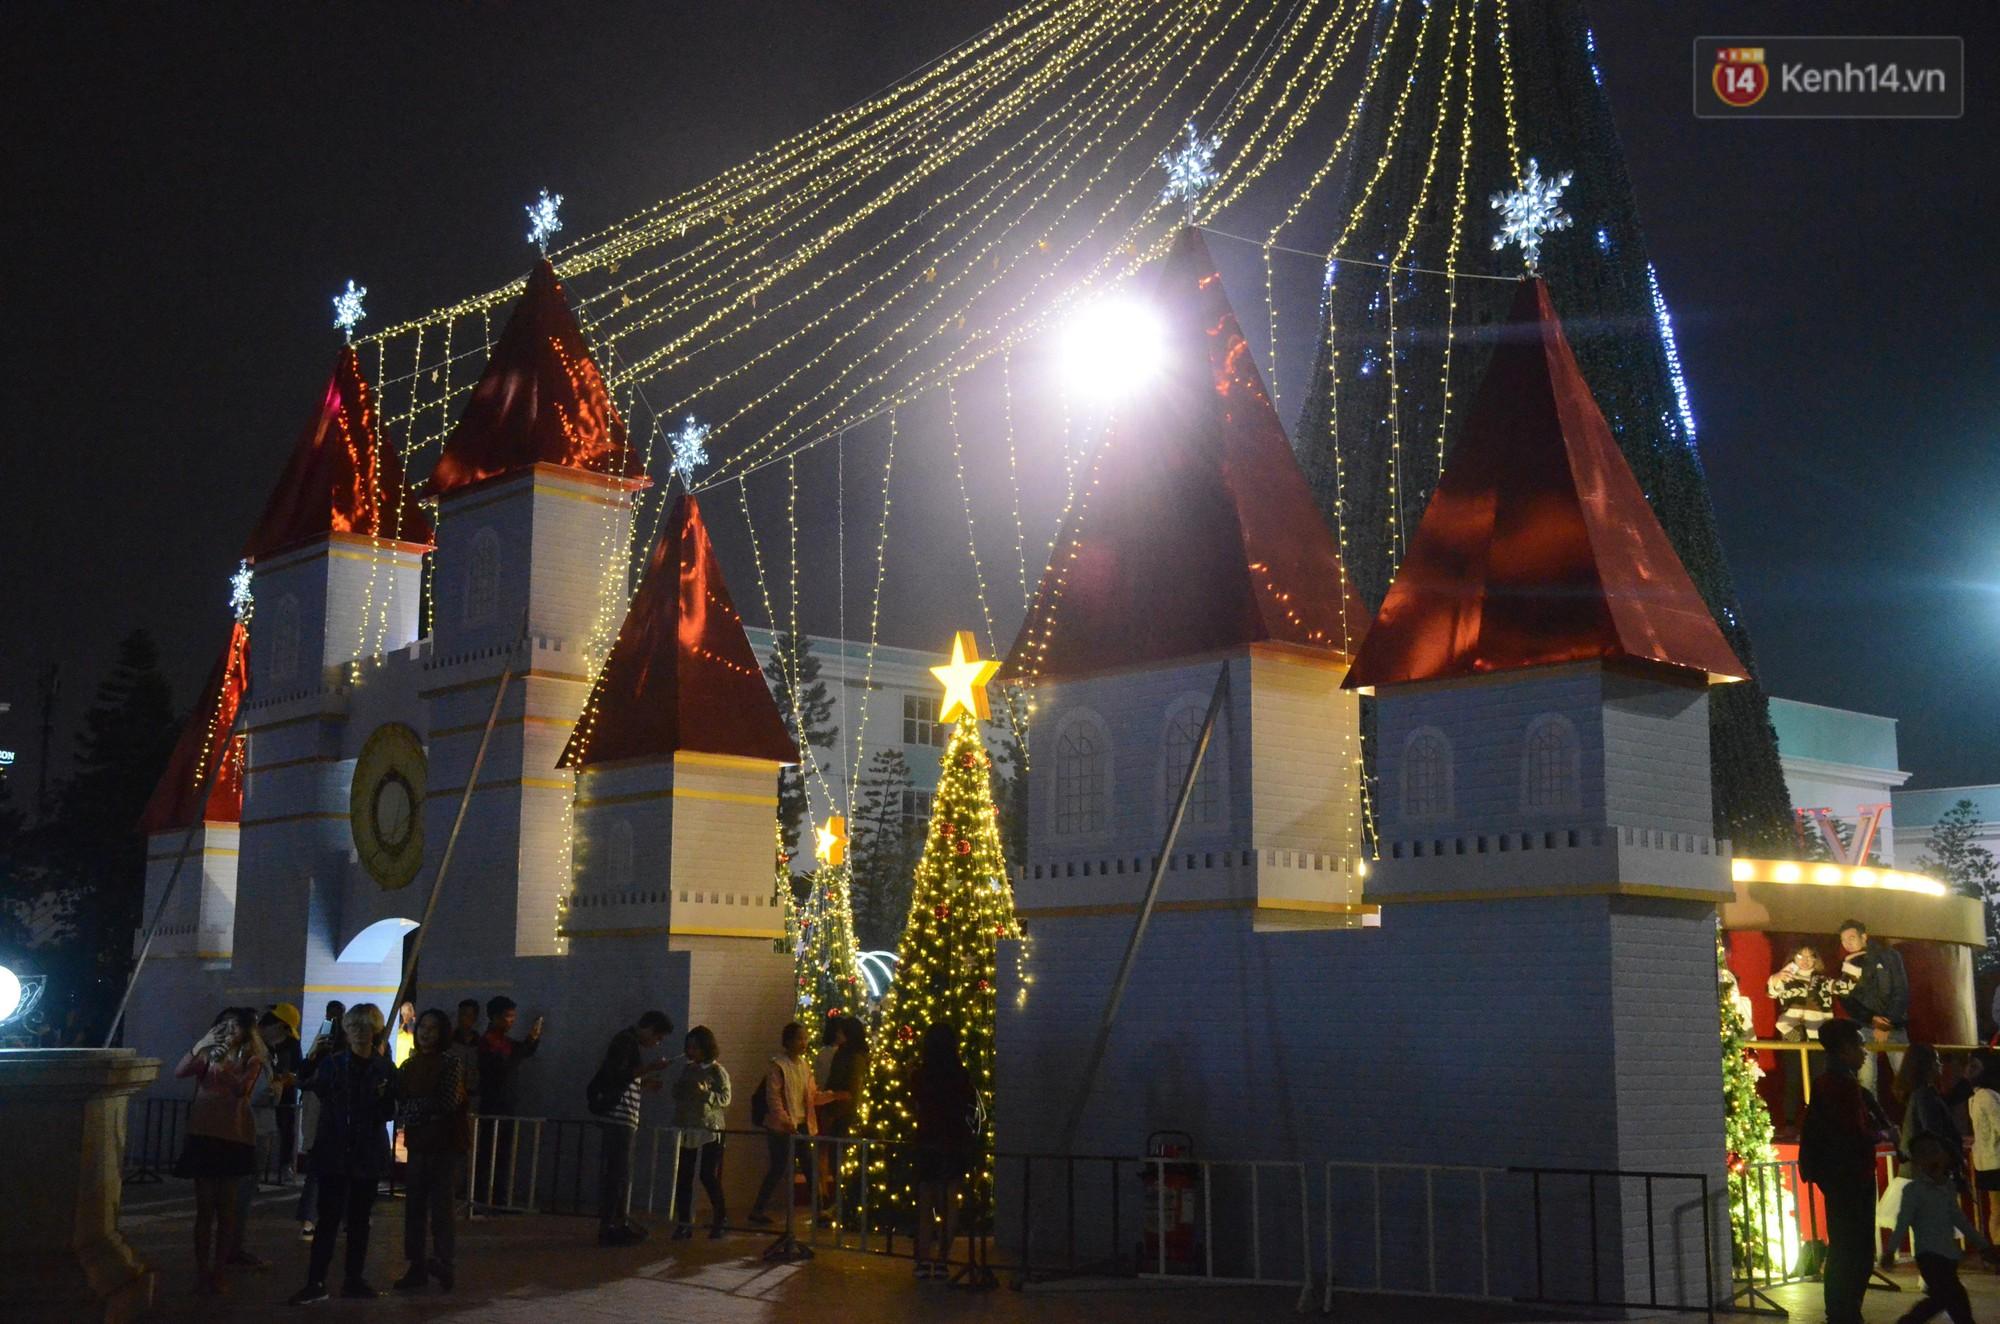 Người dân Hà Nội, Sài Gòn và Đà Nẵng nô nức xuống đường, khắp phố phường khoác lên mình tấm áo Giáng sinh đầy màu sắc - Ảnh 3.